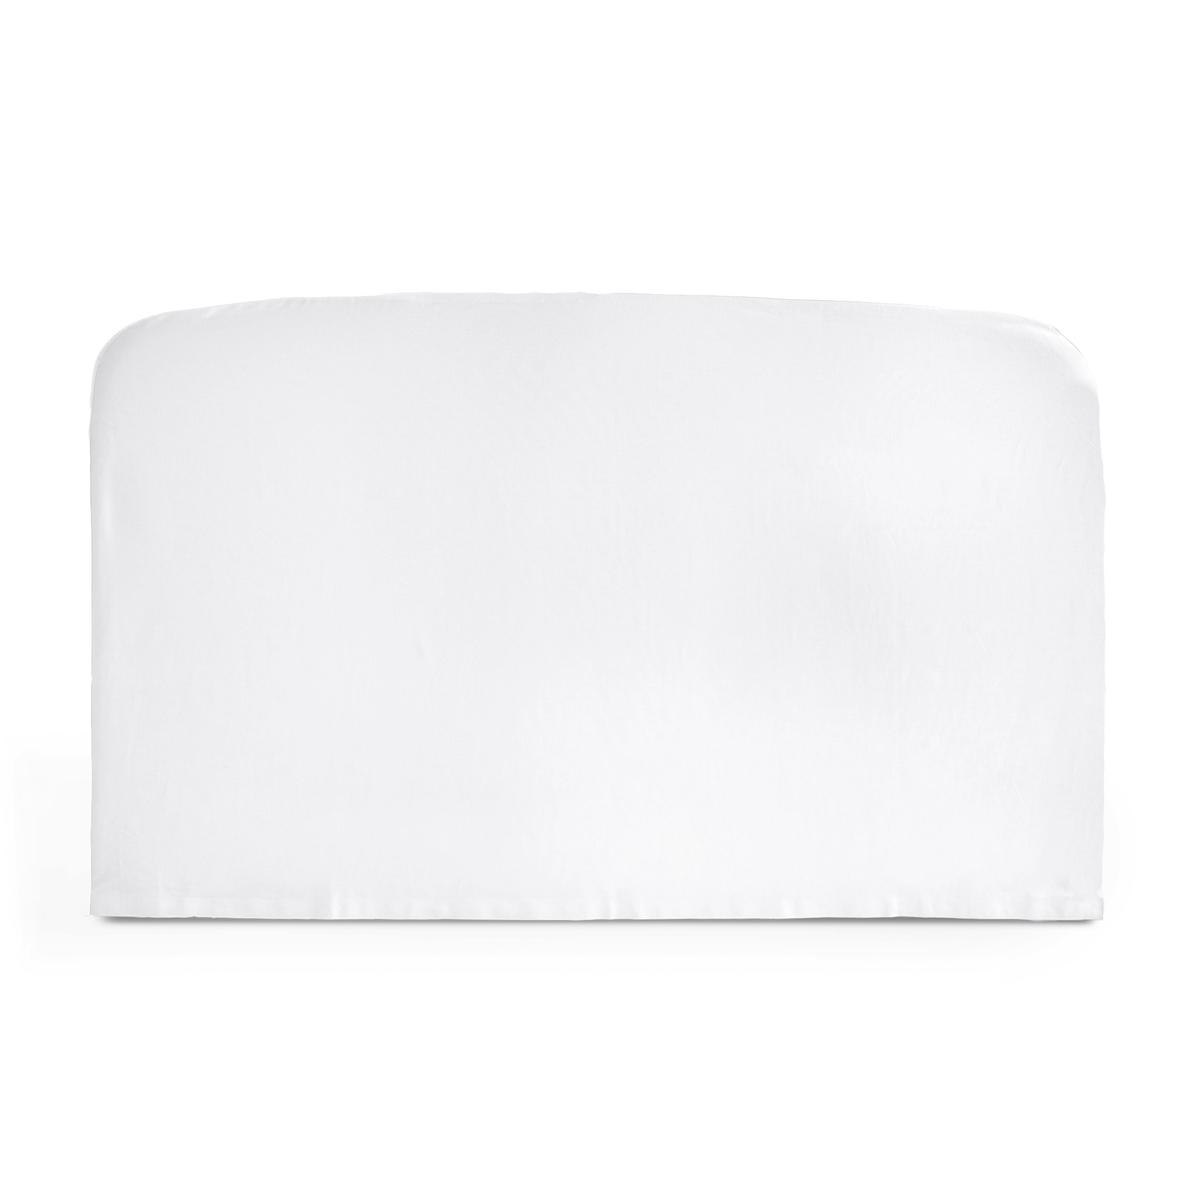 Чехол La Redoute Для изголовья кровати округлой формы из хлопка SCENARIO 140 x 85 см белый чехол из льна с помпонами для изголовья кровати sandor